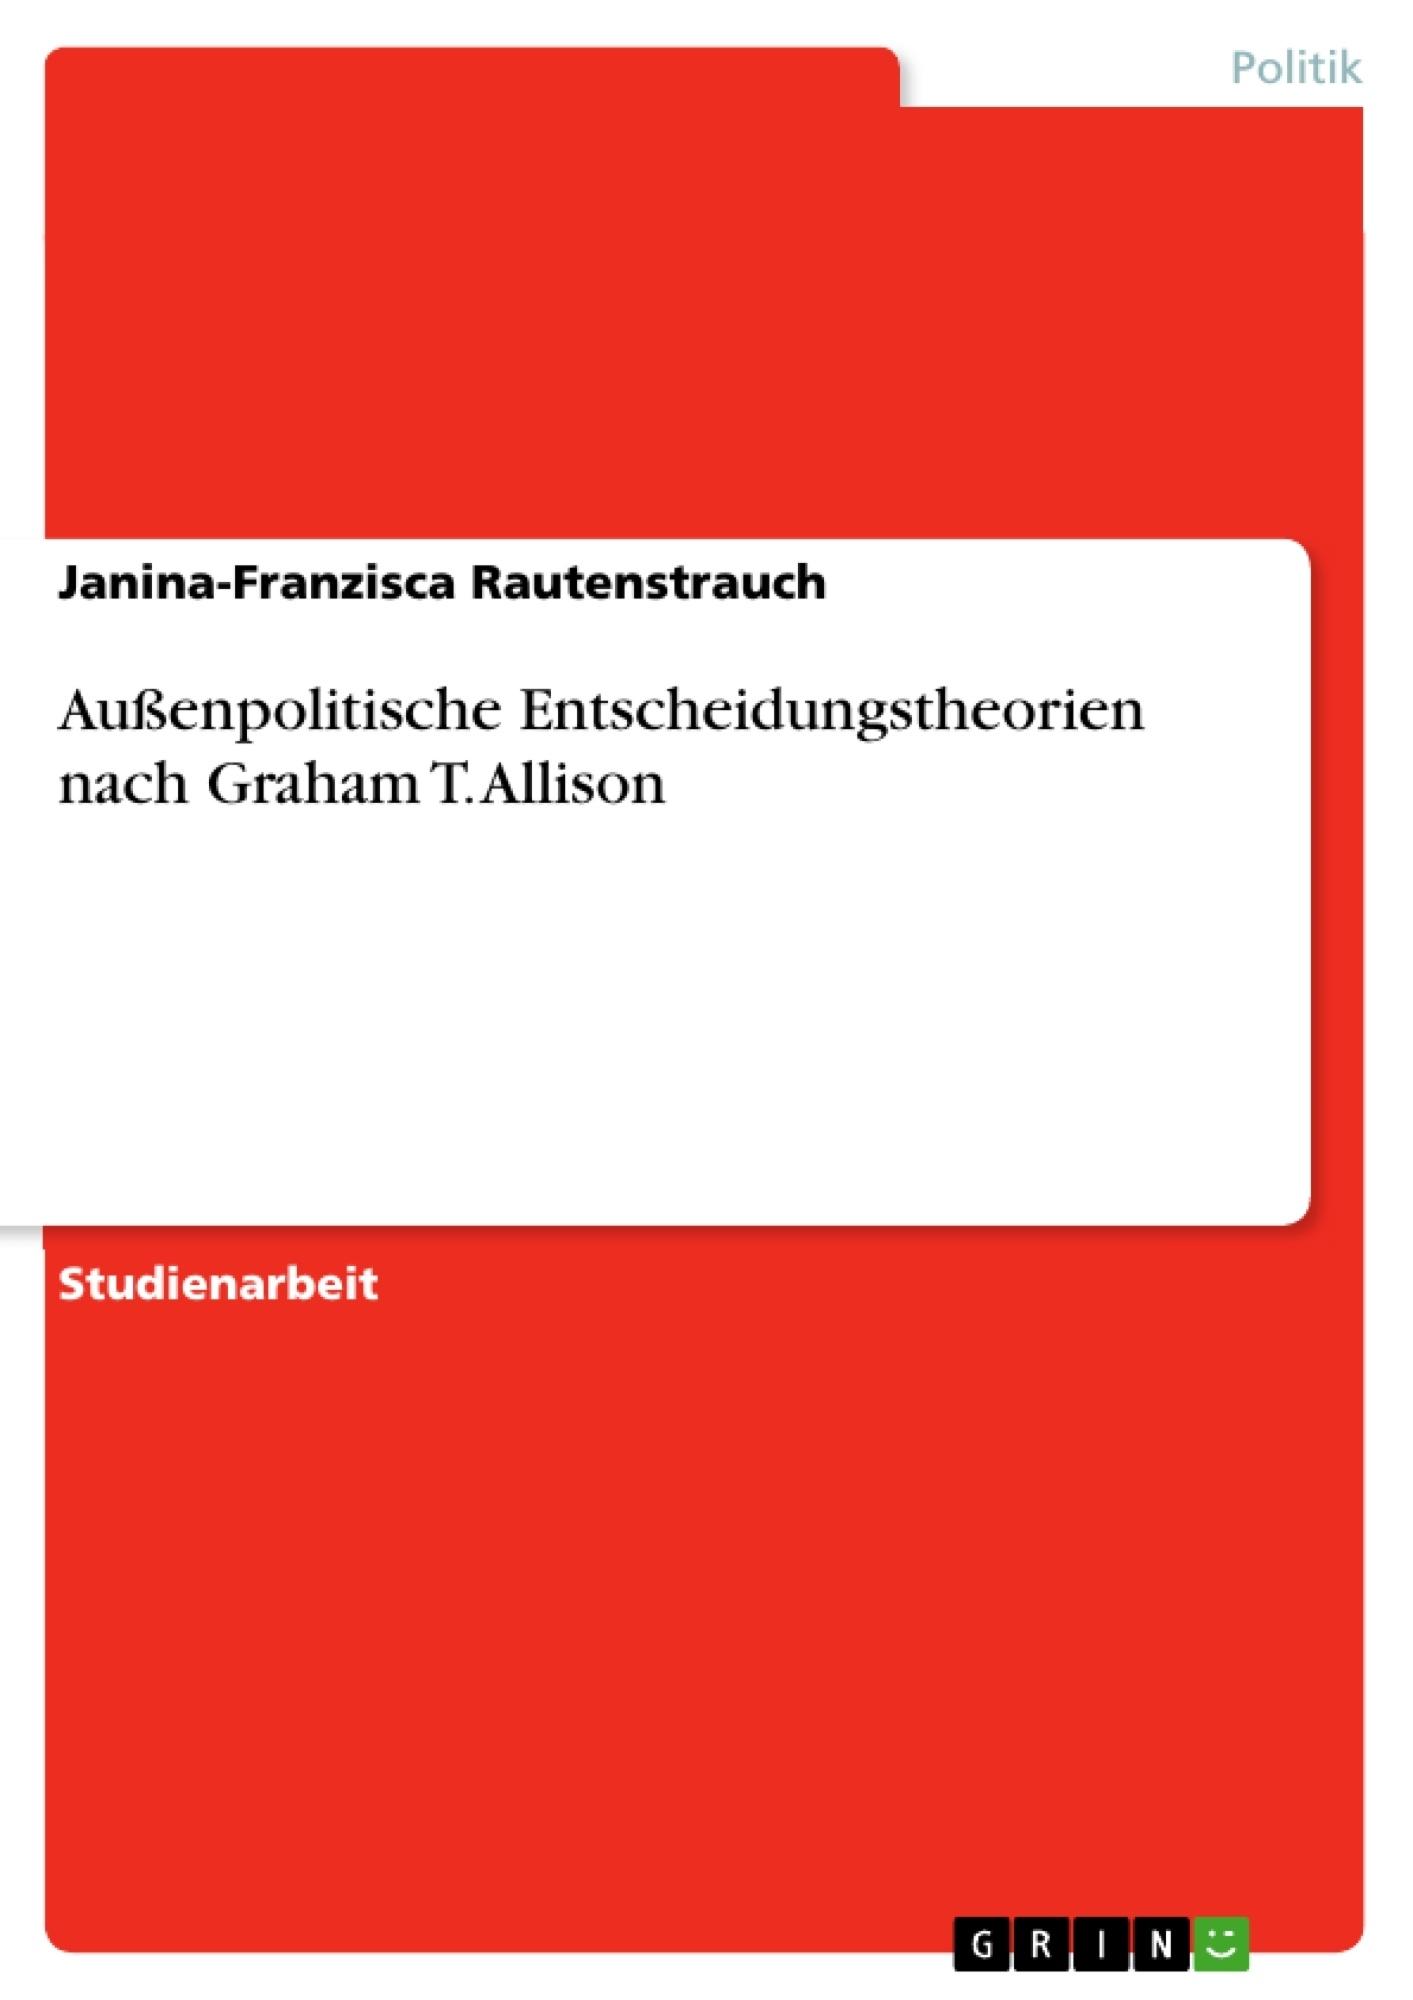 Titel: Außenpolitische Entscheidungstheorien nach Graham T. Allison